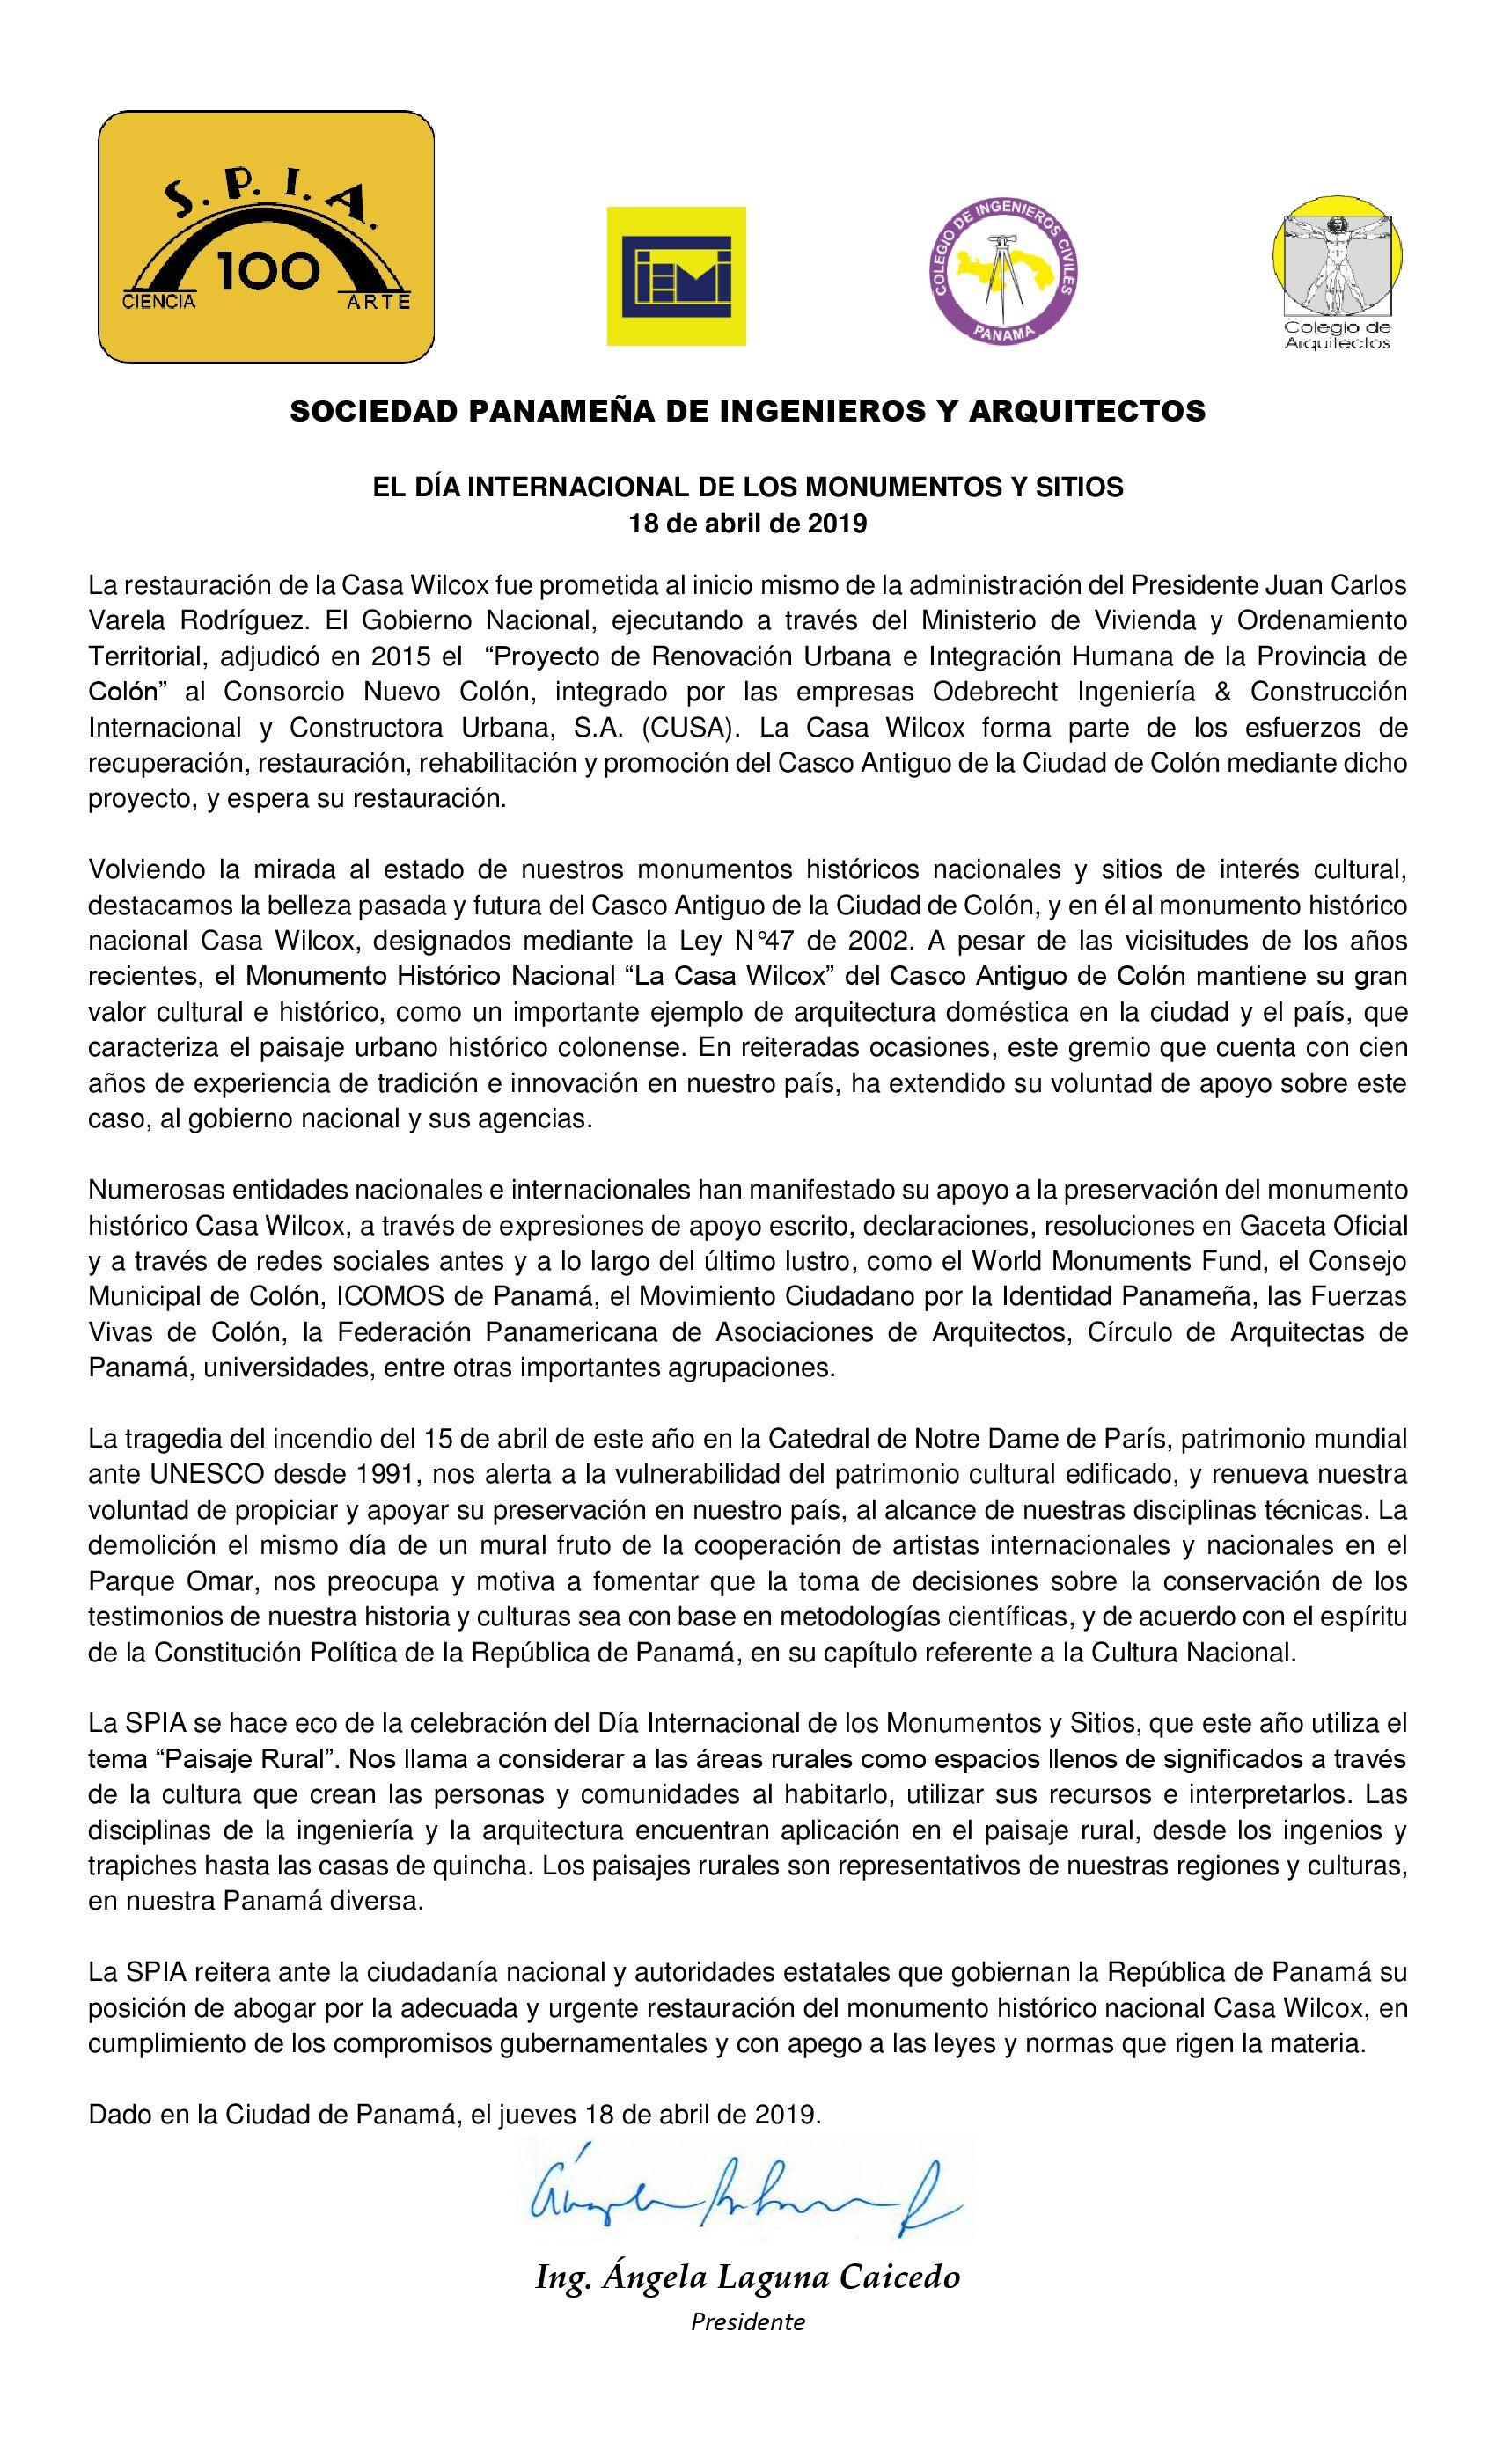 COMUNICADO DÍA INTERNACIONAL DE MONUMENTOS